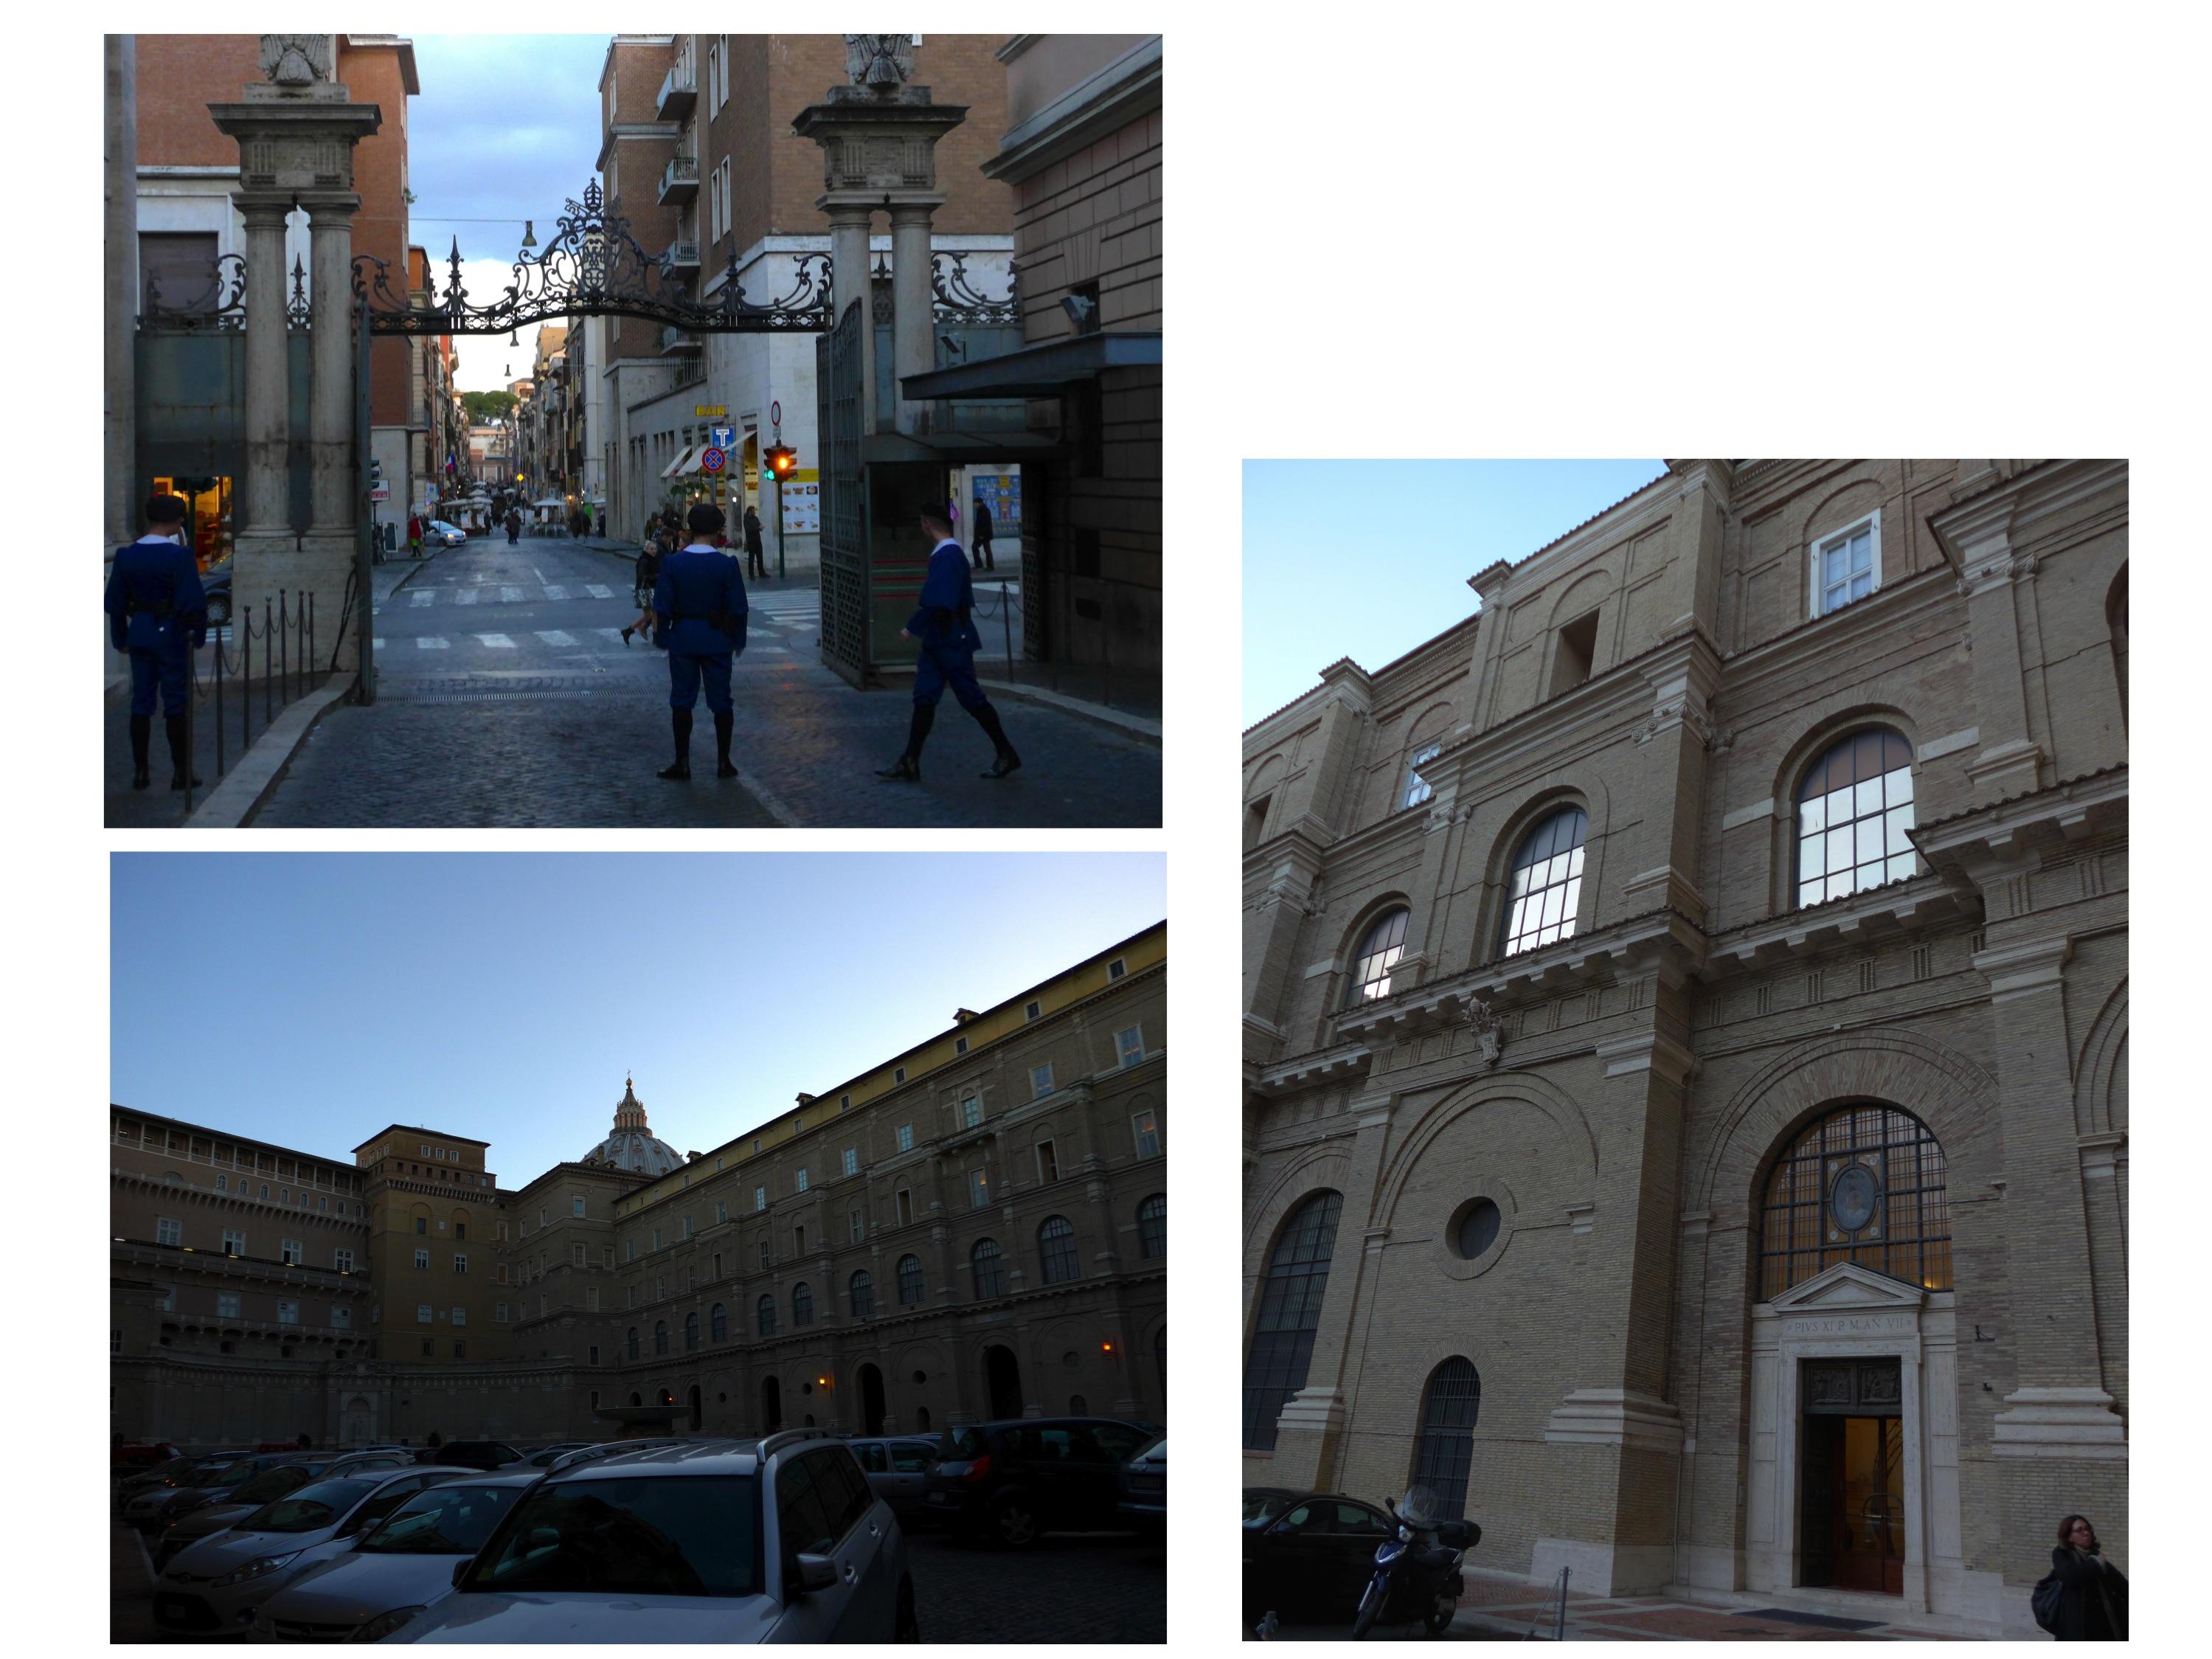 写真1左上:サンタ・アンナ通用門のスイス衛兵(手前側がヴァティカン市国)。左下:図書館がある回廊の向こうの、サン・ピエトロ大聖堂クーポラ。右:図書館の入口